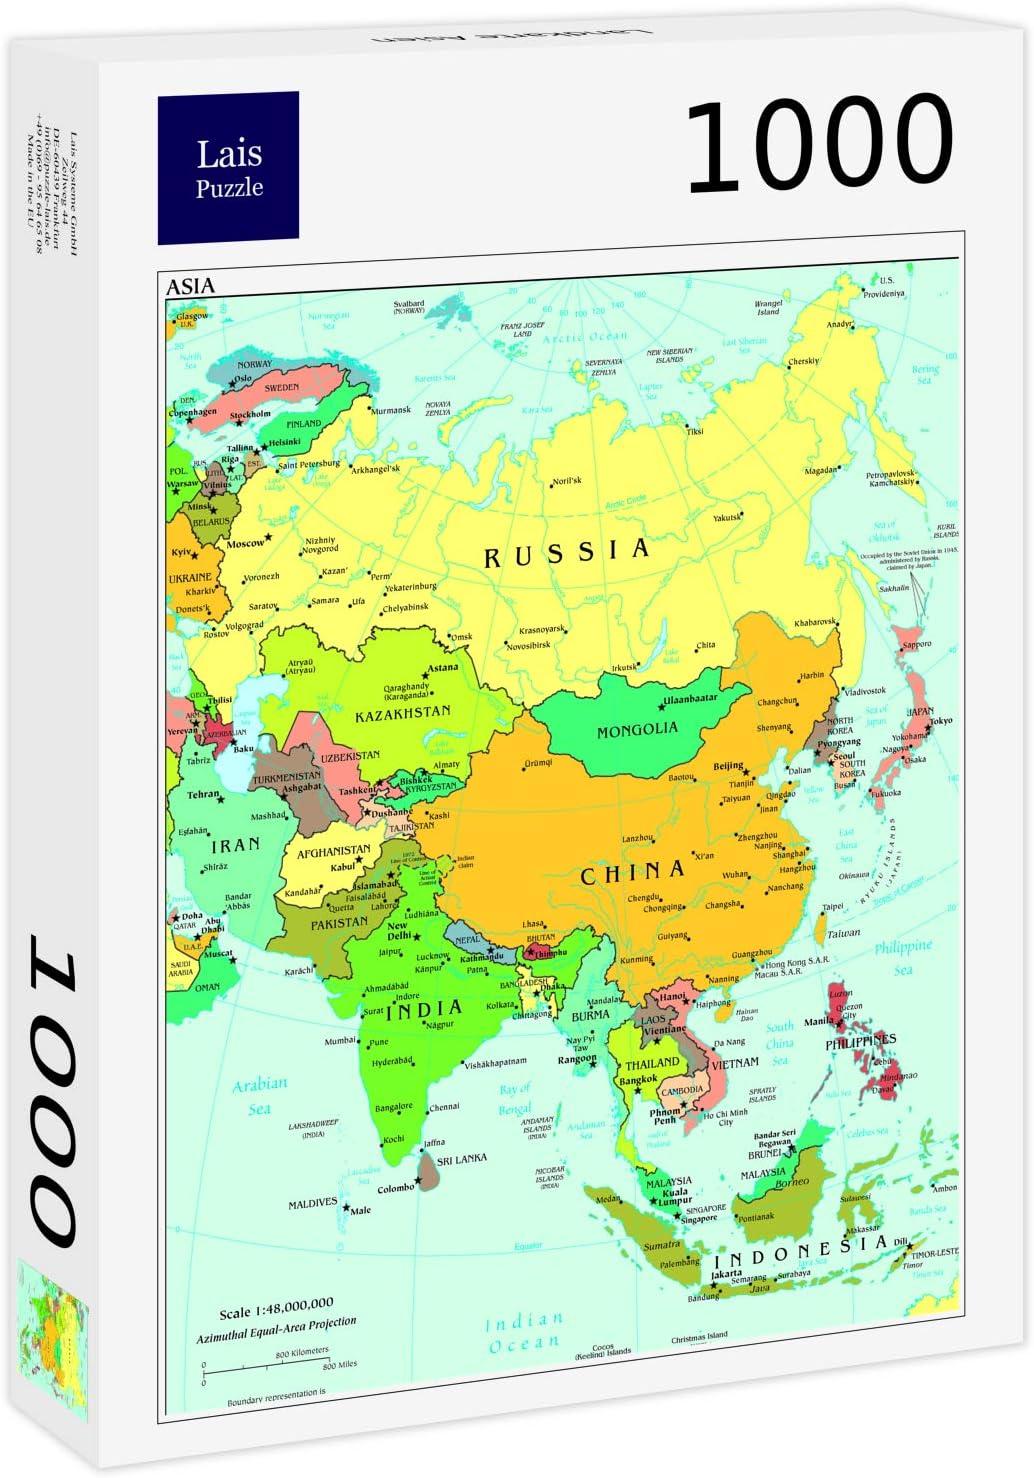 Lais Puzzle Mapa de Asia 1000 Piezas: Amazon.es: Juguetes y juegos